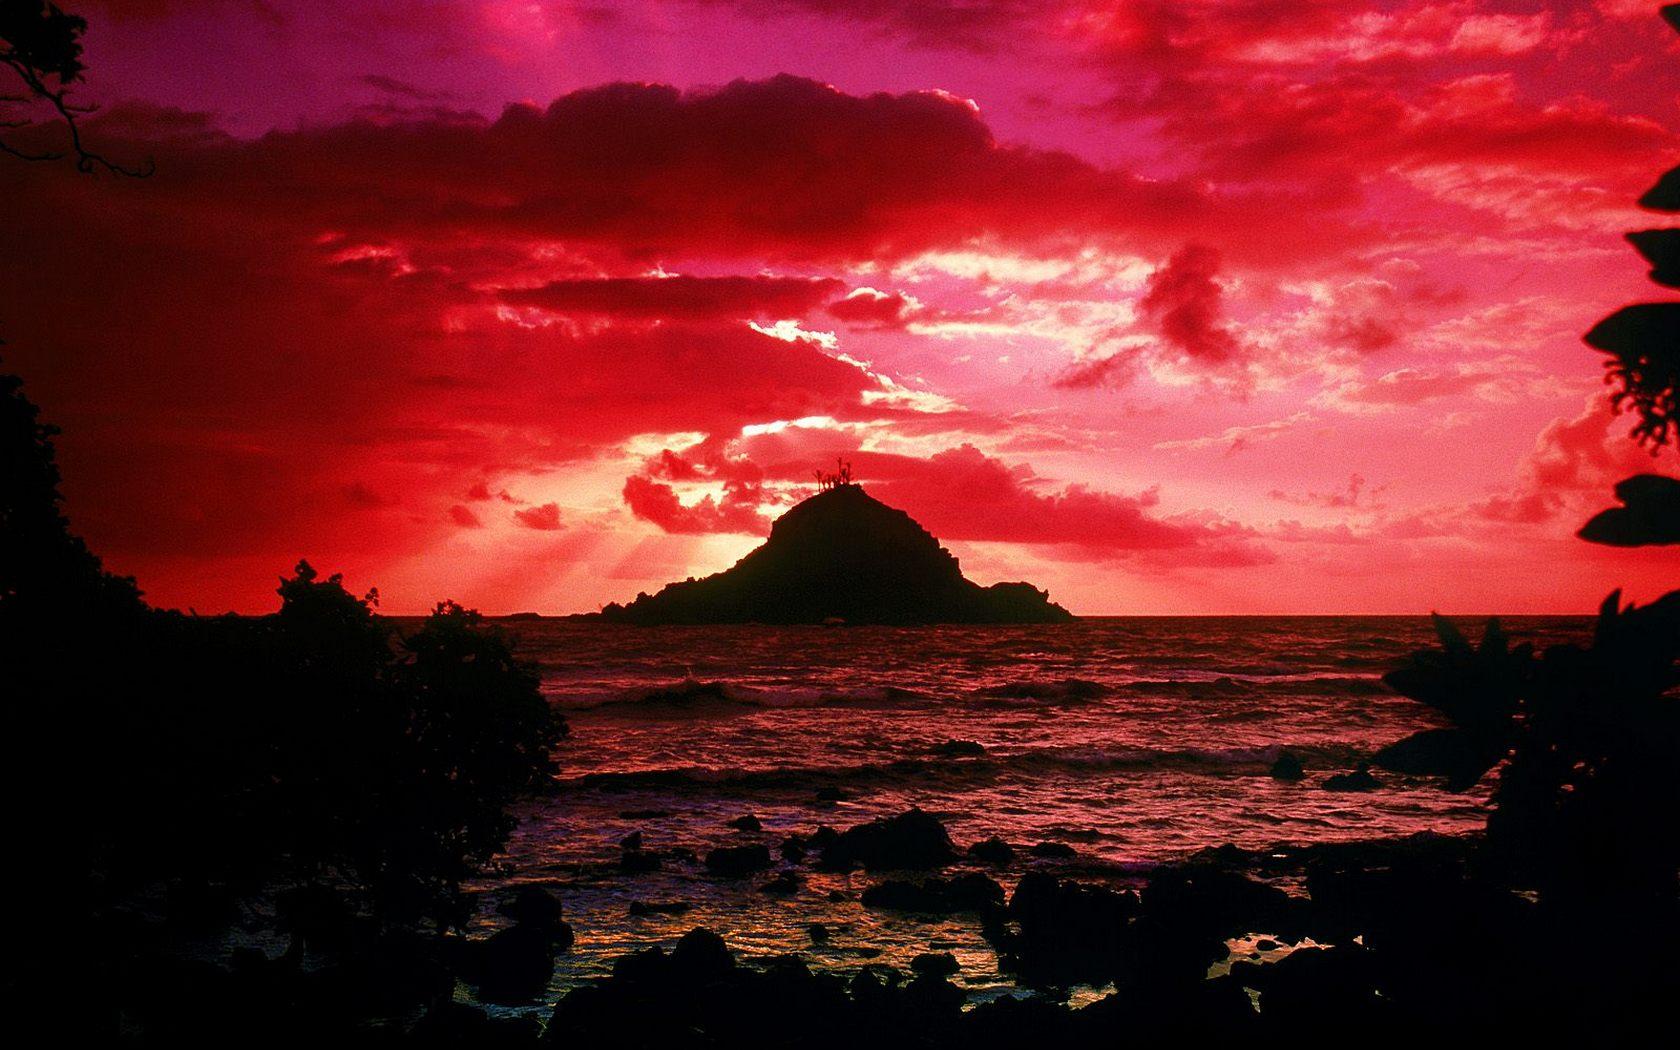 Island Maui Hawaii Sunset Wallpaper Num 139 1680 x 1050 2401 Kb 1680x1050